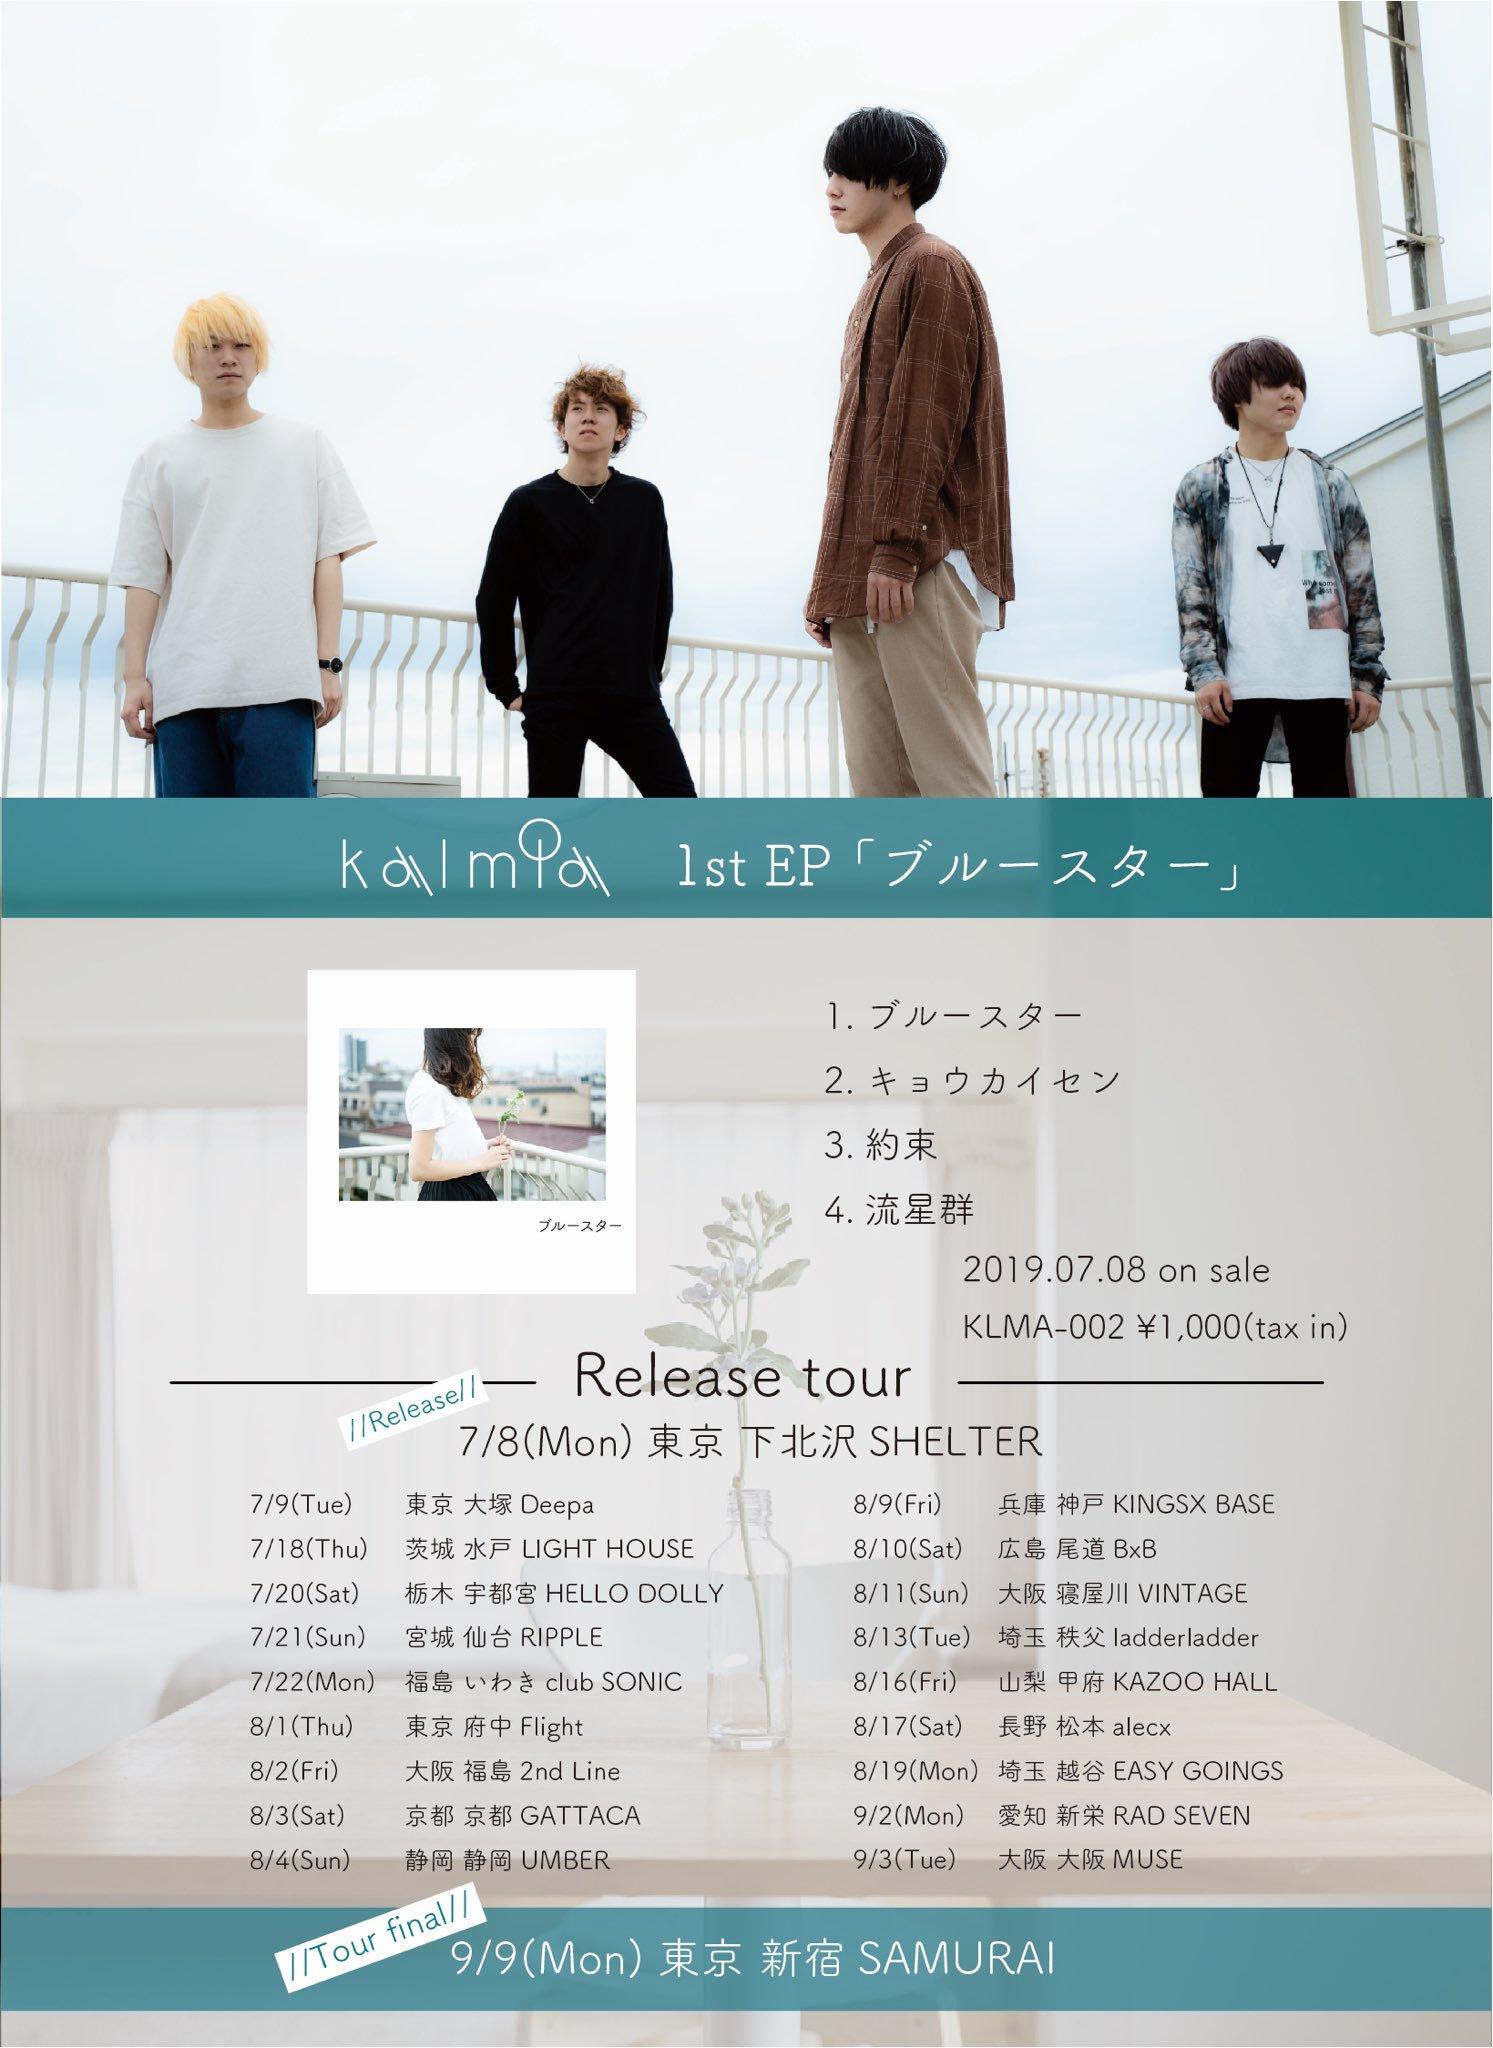 kalmia 1st EP「ブルースター」release tour